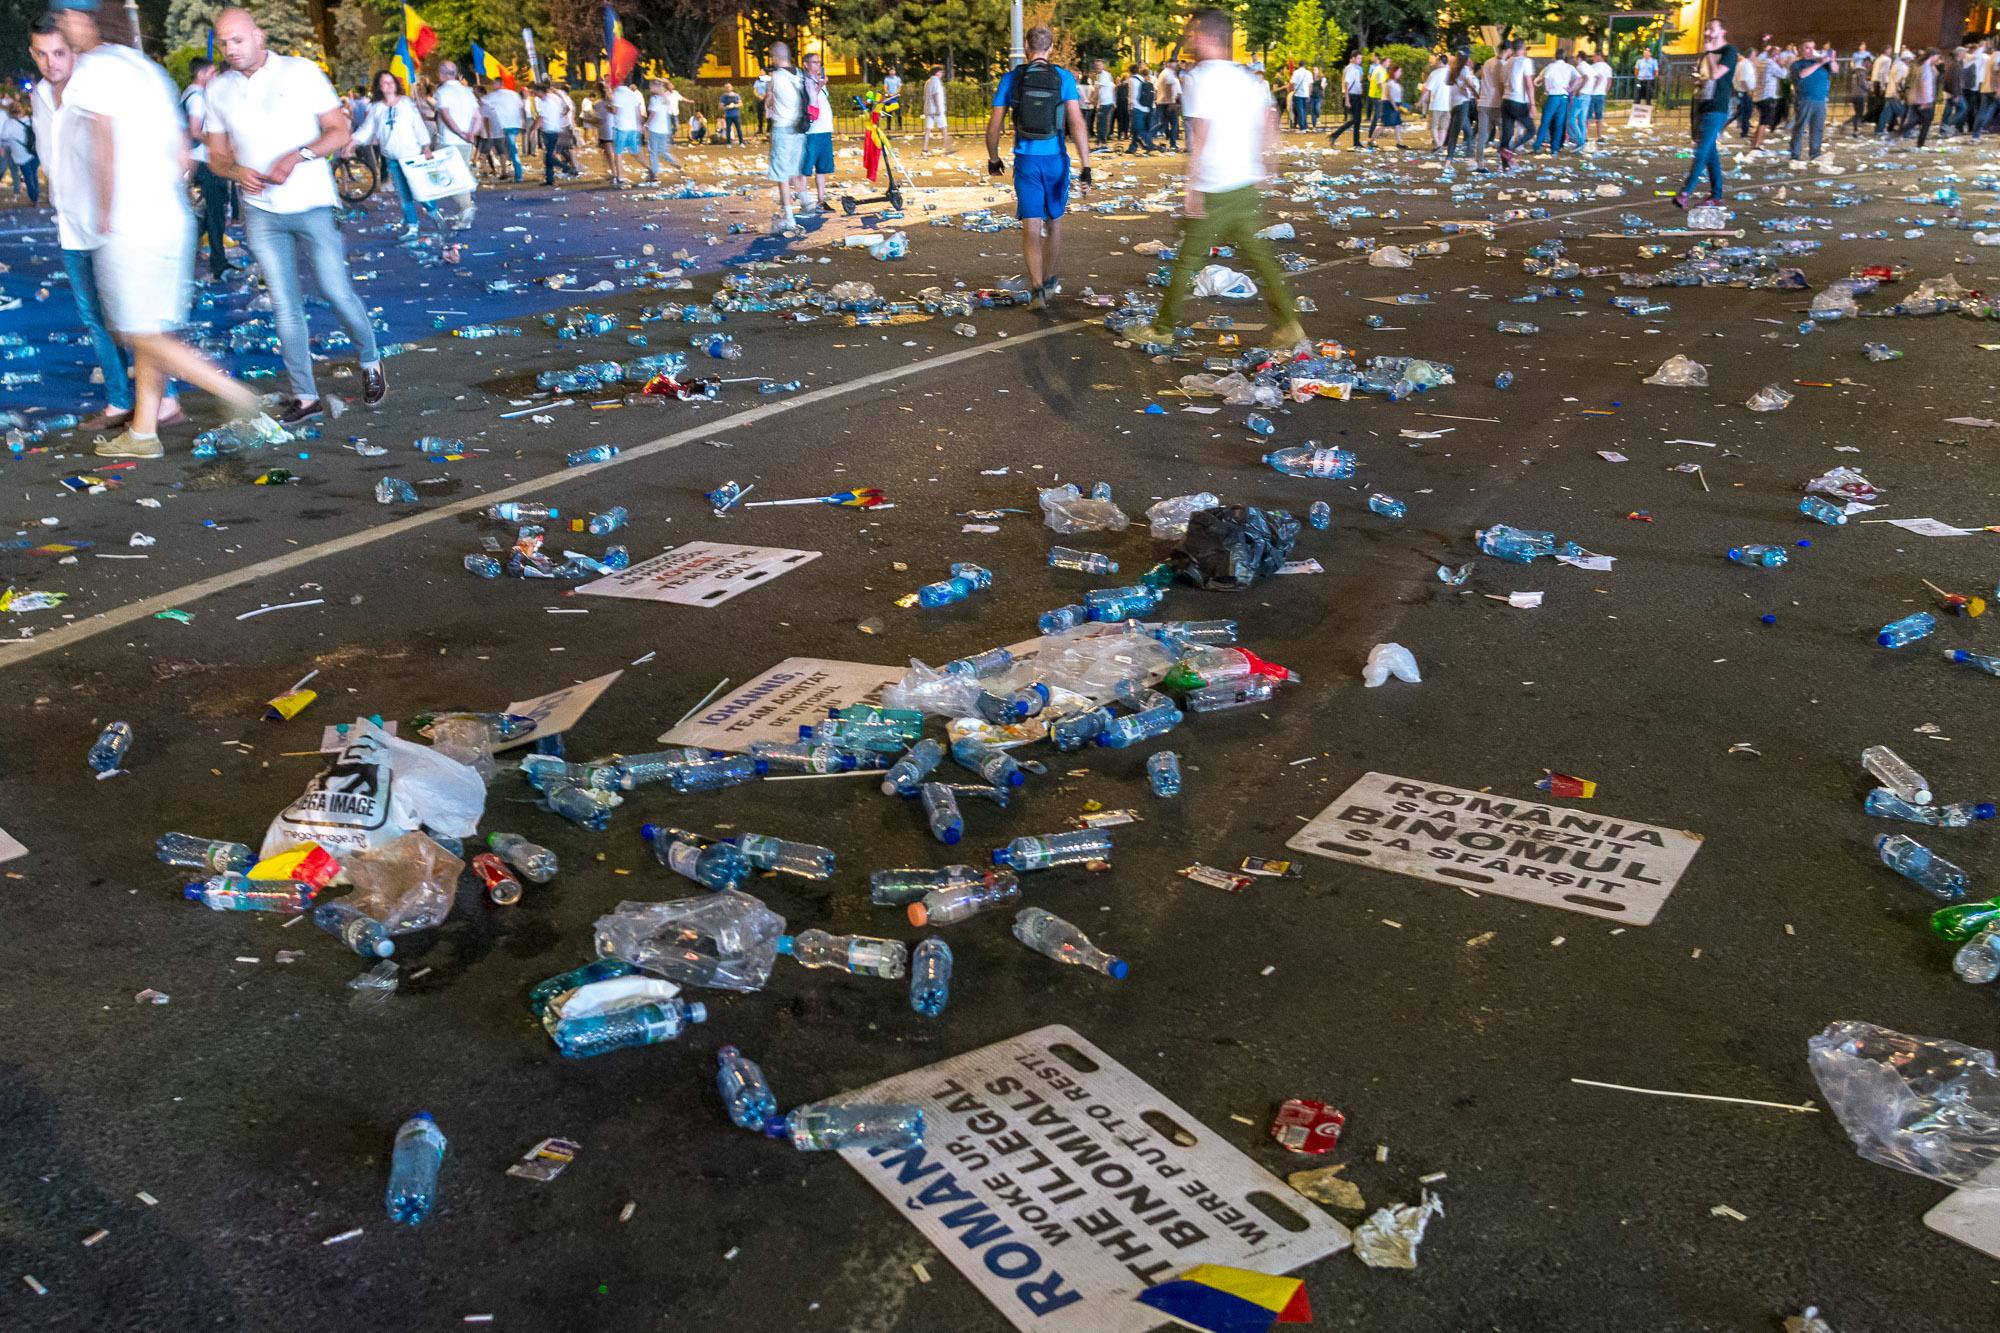 Dragnea - Cine va pierde de pe urma mitingului PSD-ALDE - Pagina 2 1528628168921-Miting-PSD-mizeria-din-urma-15